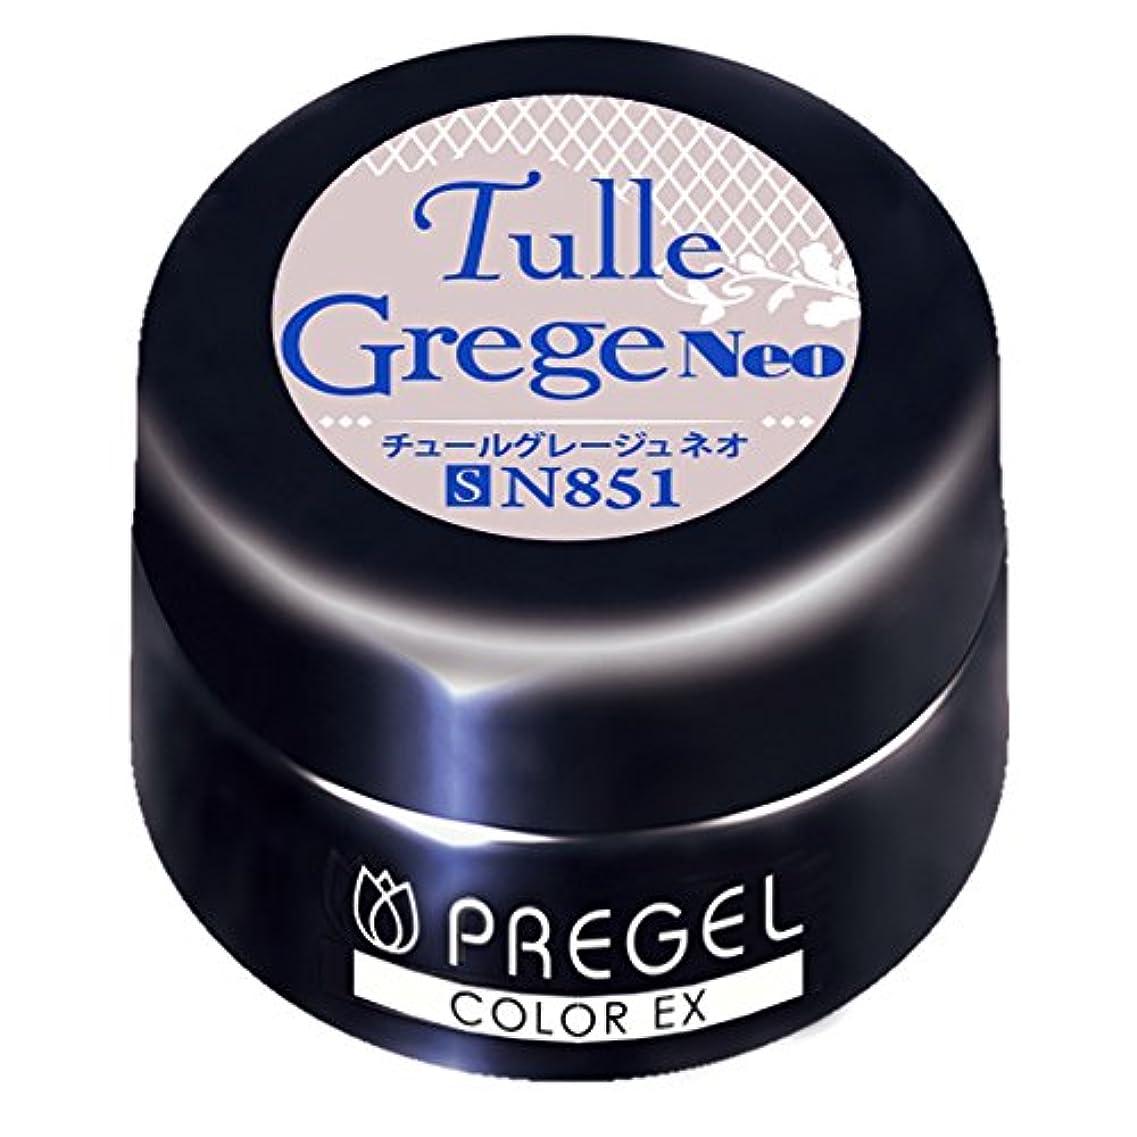 スチュワーデス用語集打ち上げるPRE GEL カラーEX チュールグレージュ neo 851 3g UV/LED対応